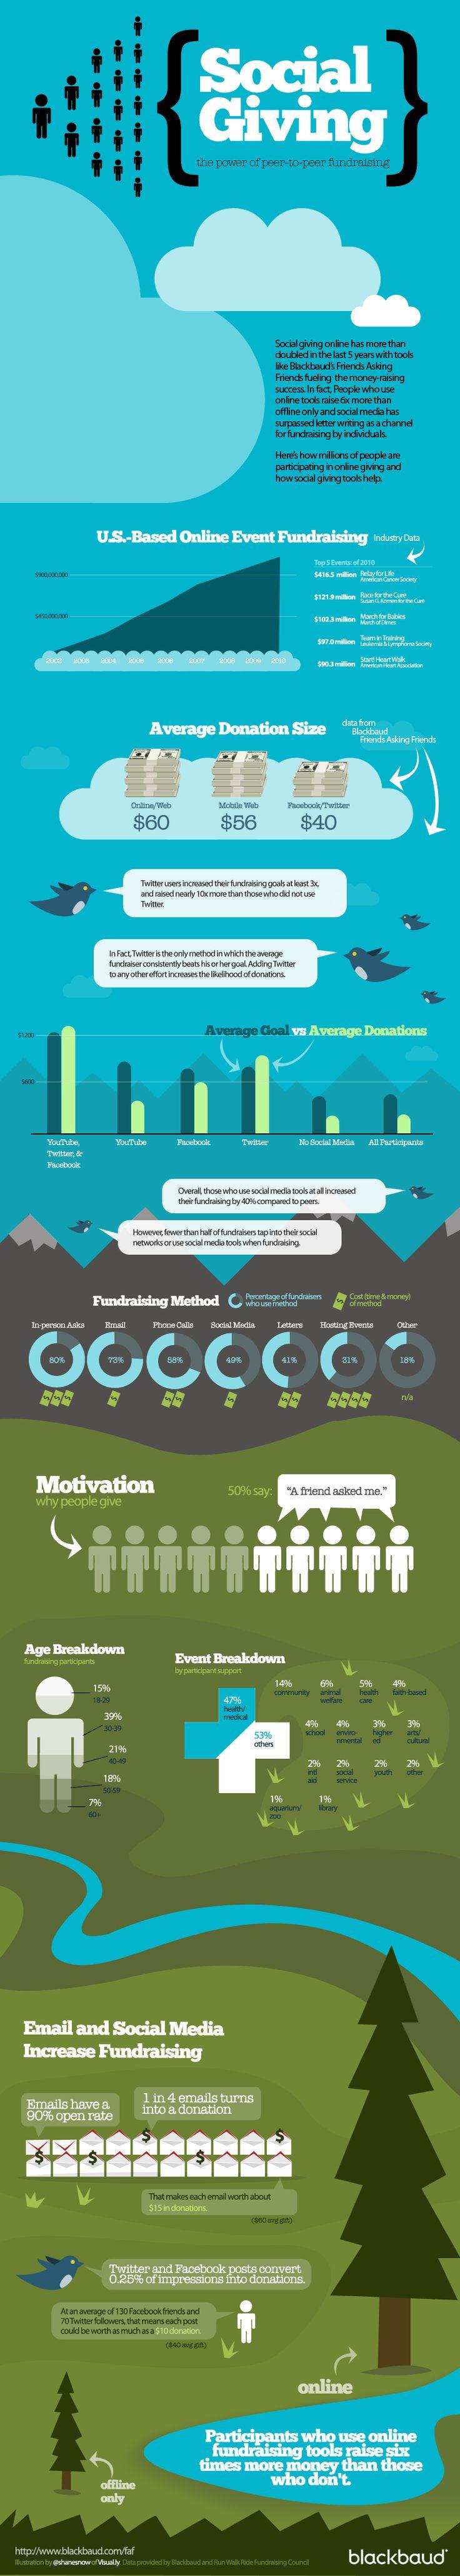 My workday mohawk login flex -  Qu Es El Fundraising Infografia Infographic Socialmedia